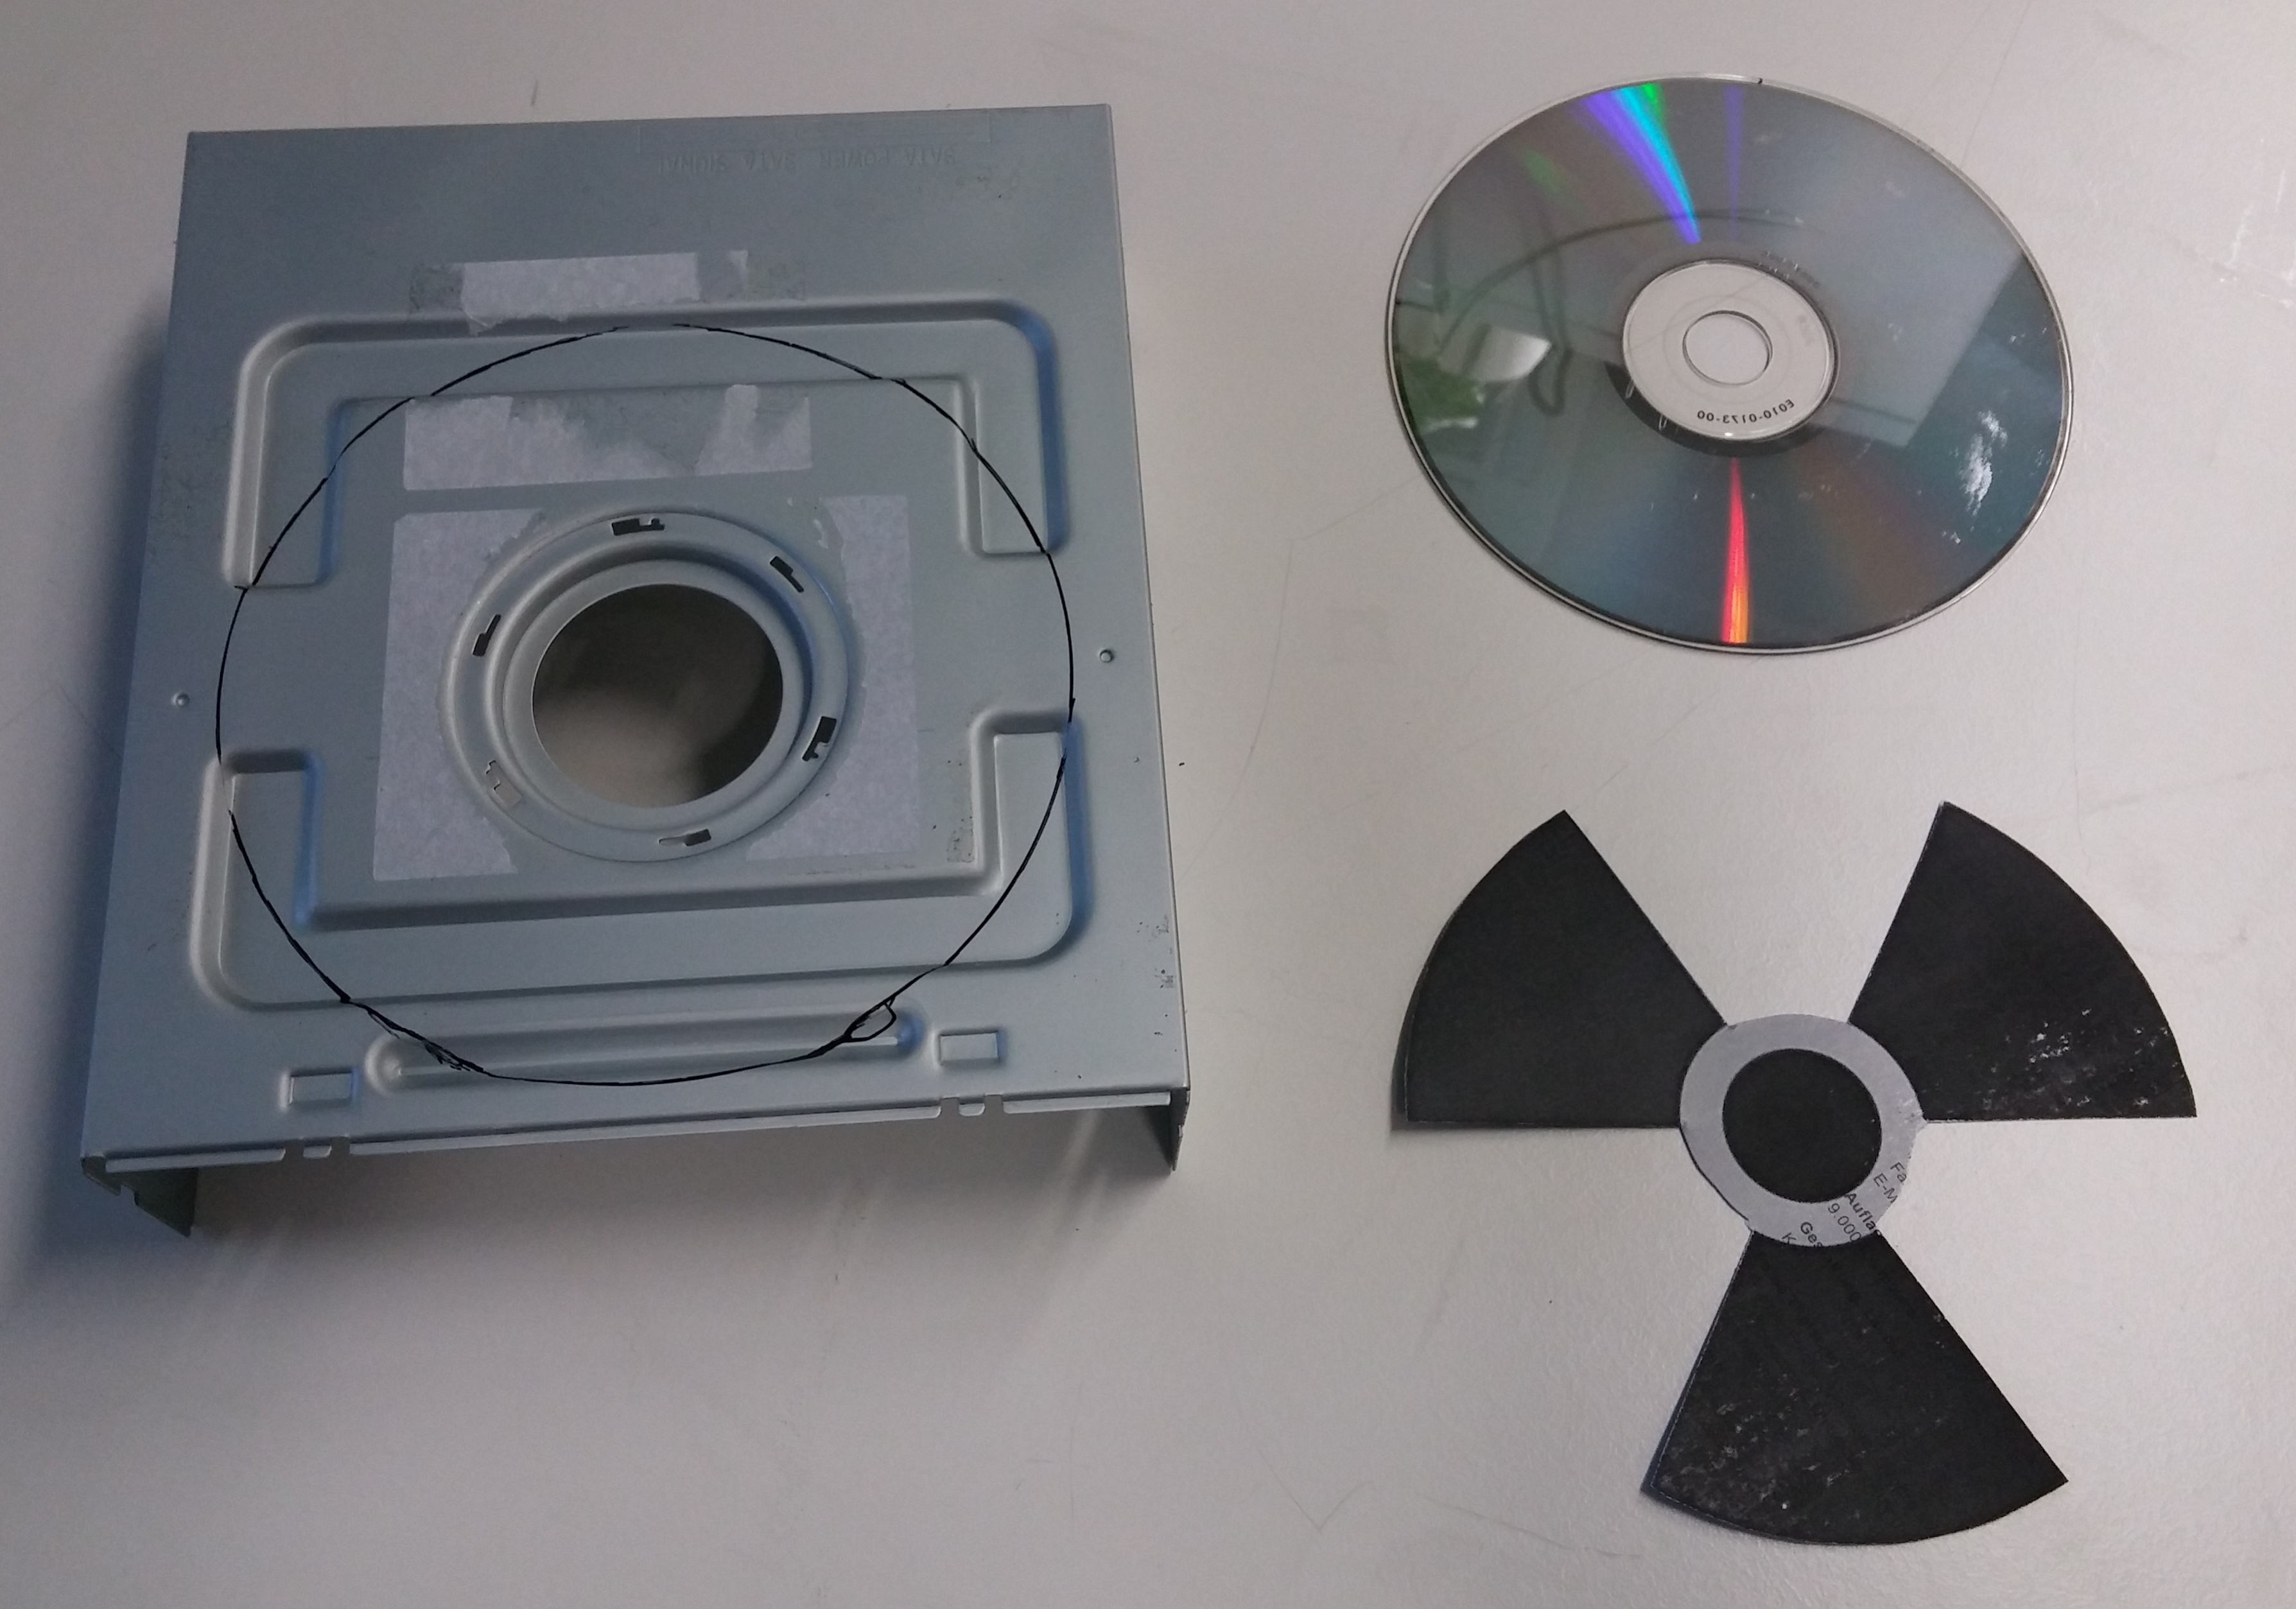 Klicken Sie auf die Grafik für eine größere Ansicht  Name:DVD3.jpg Hits:1442 Größe:1,51 MB ID:926136